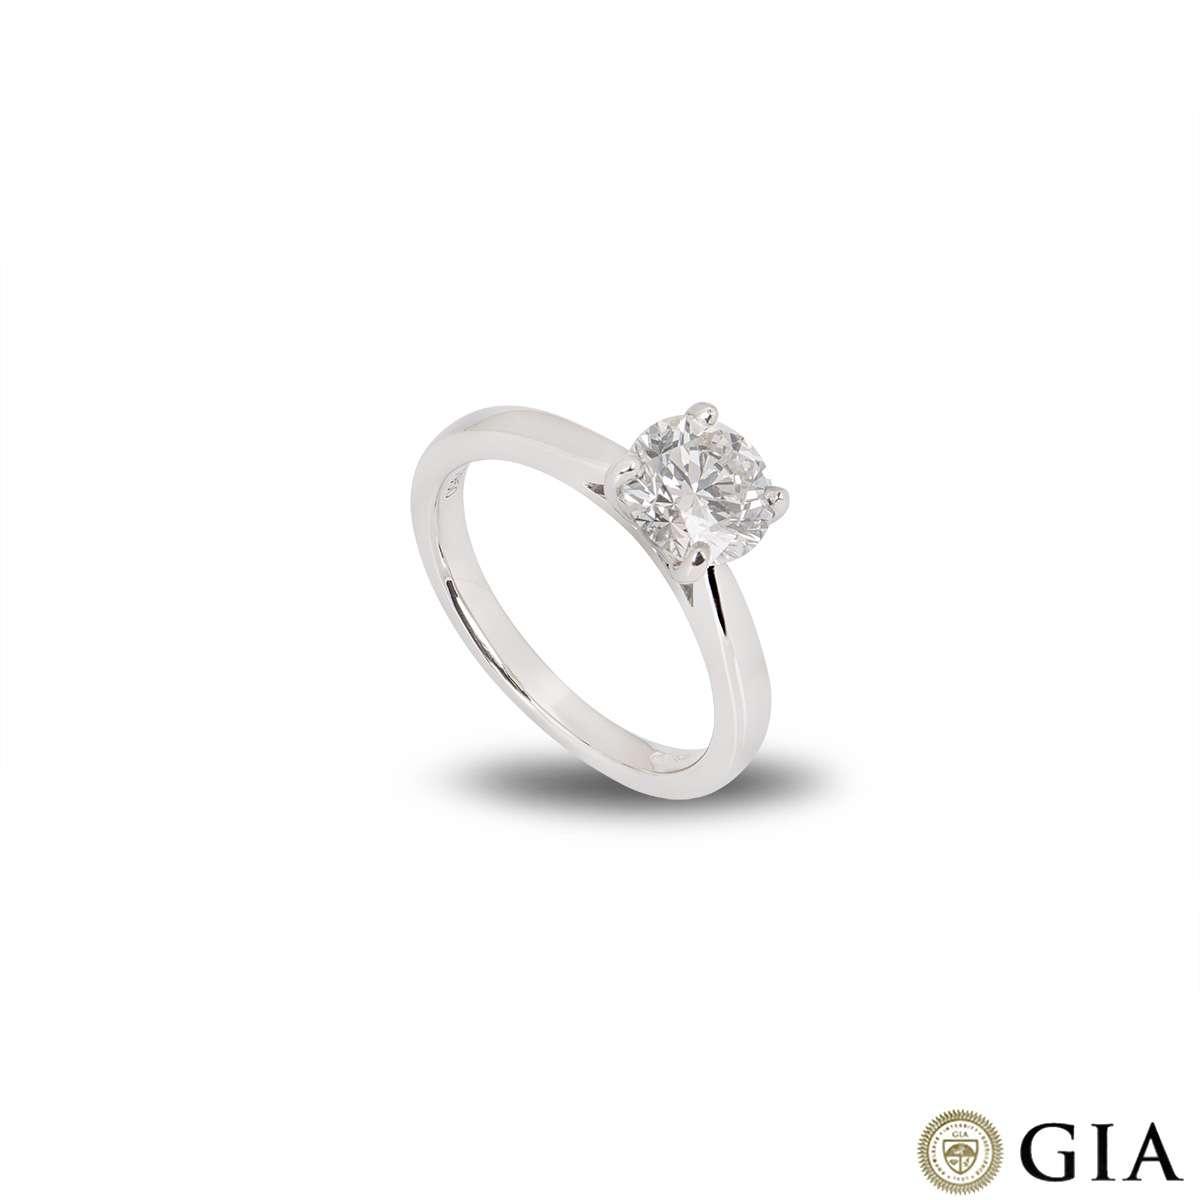 Platinum Round Brilliant Cut Diamond Ring 1.30ct G/SI1 XXX